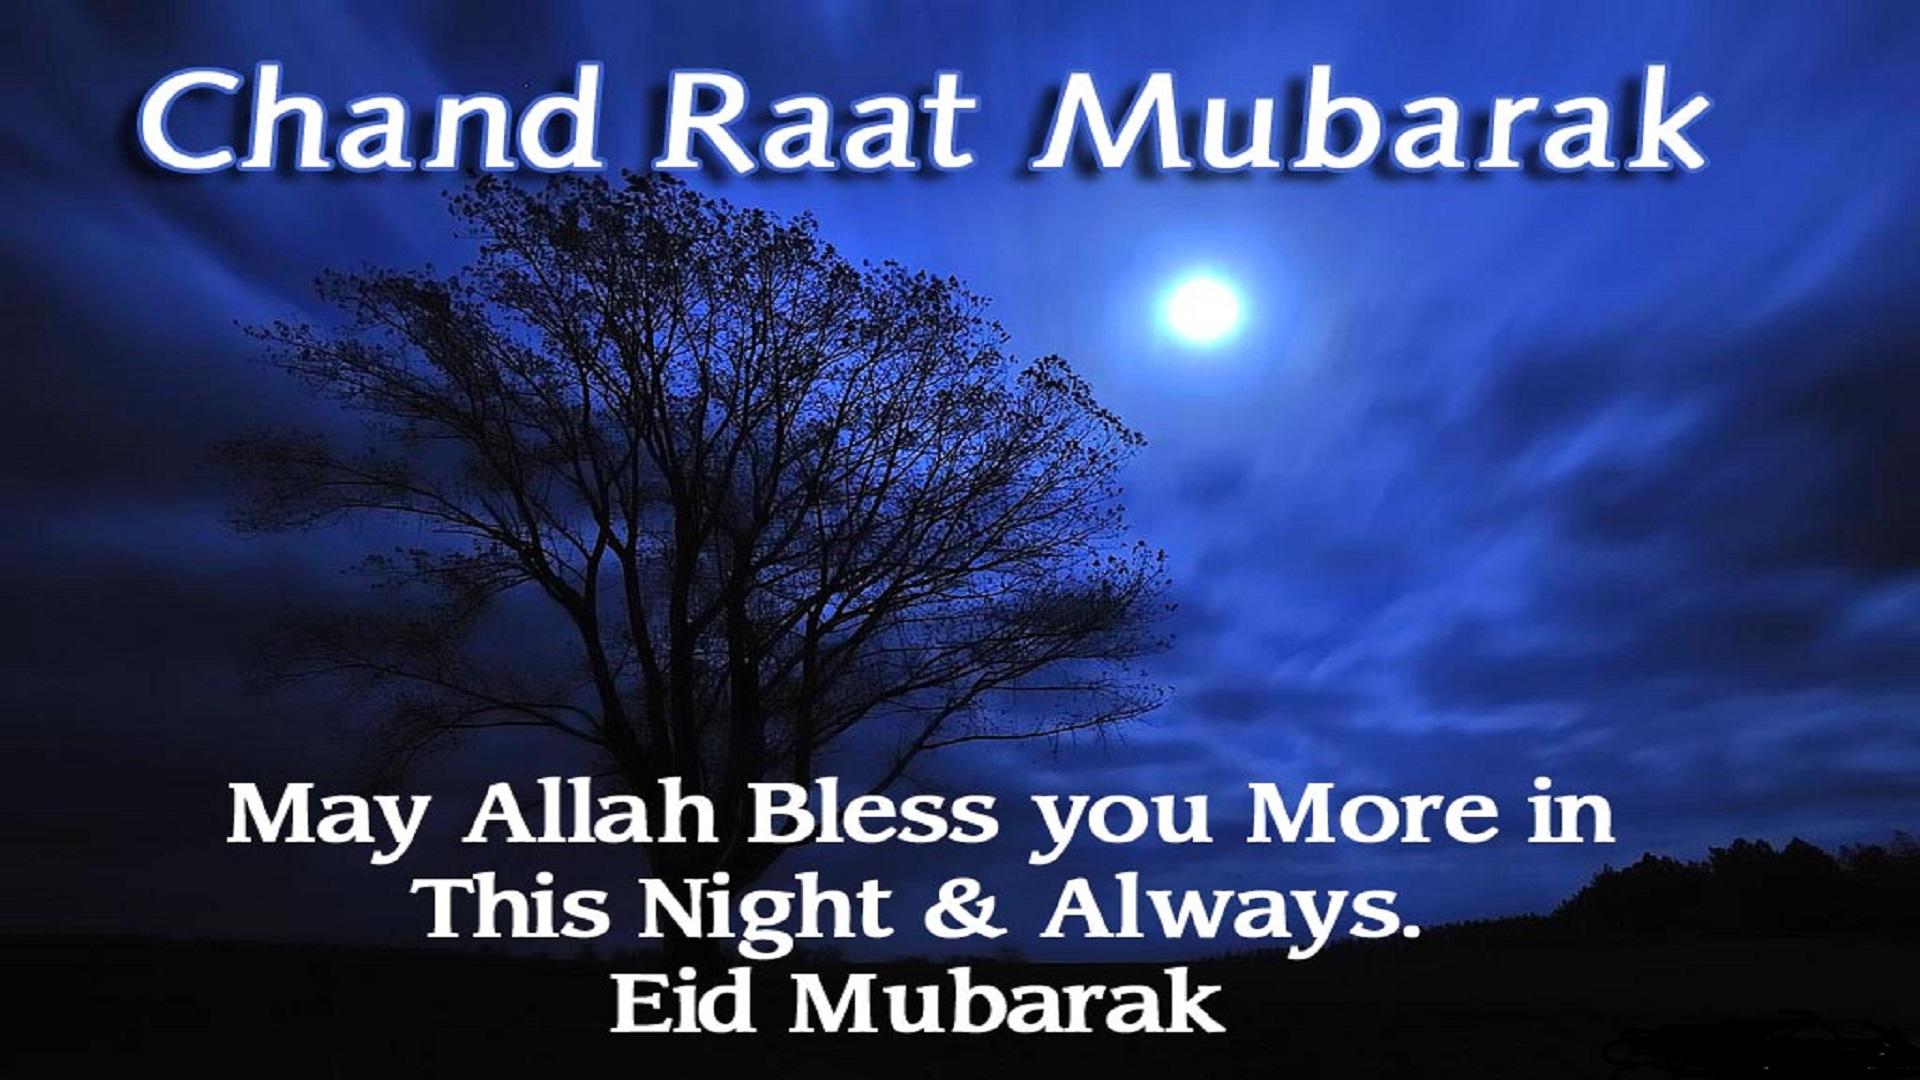 Eid-Ul-Adha-Chand-Raat-Mubarak-free-hd-wallpapersa